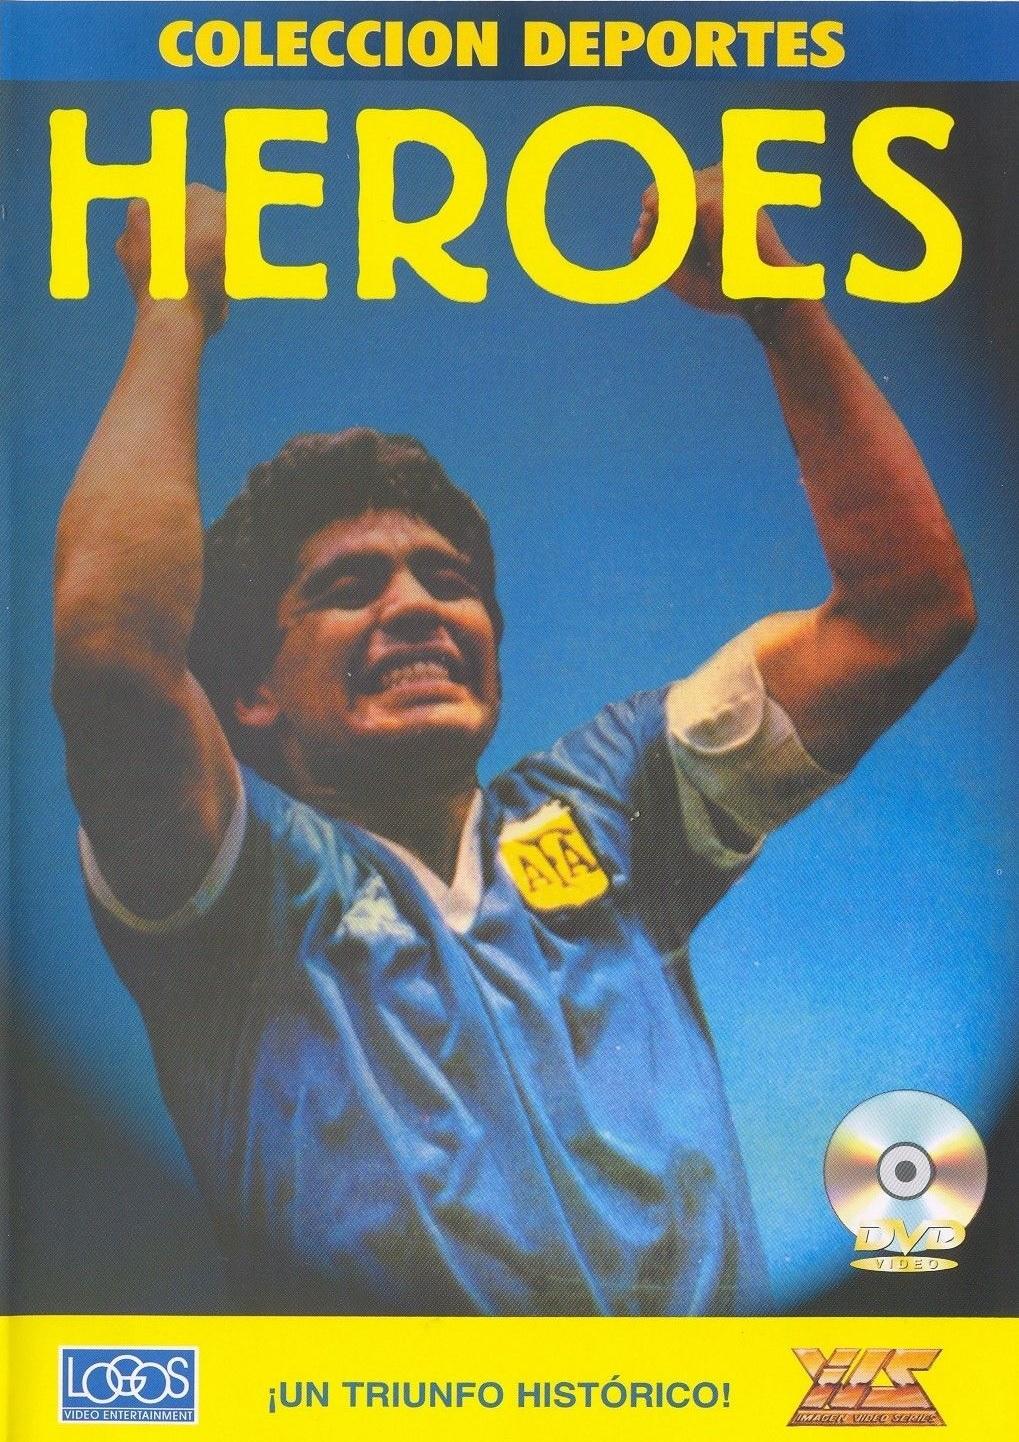 Héroes: El film oficial de la XIII Copa del Mundo